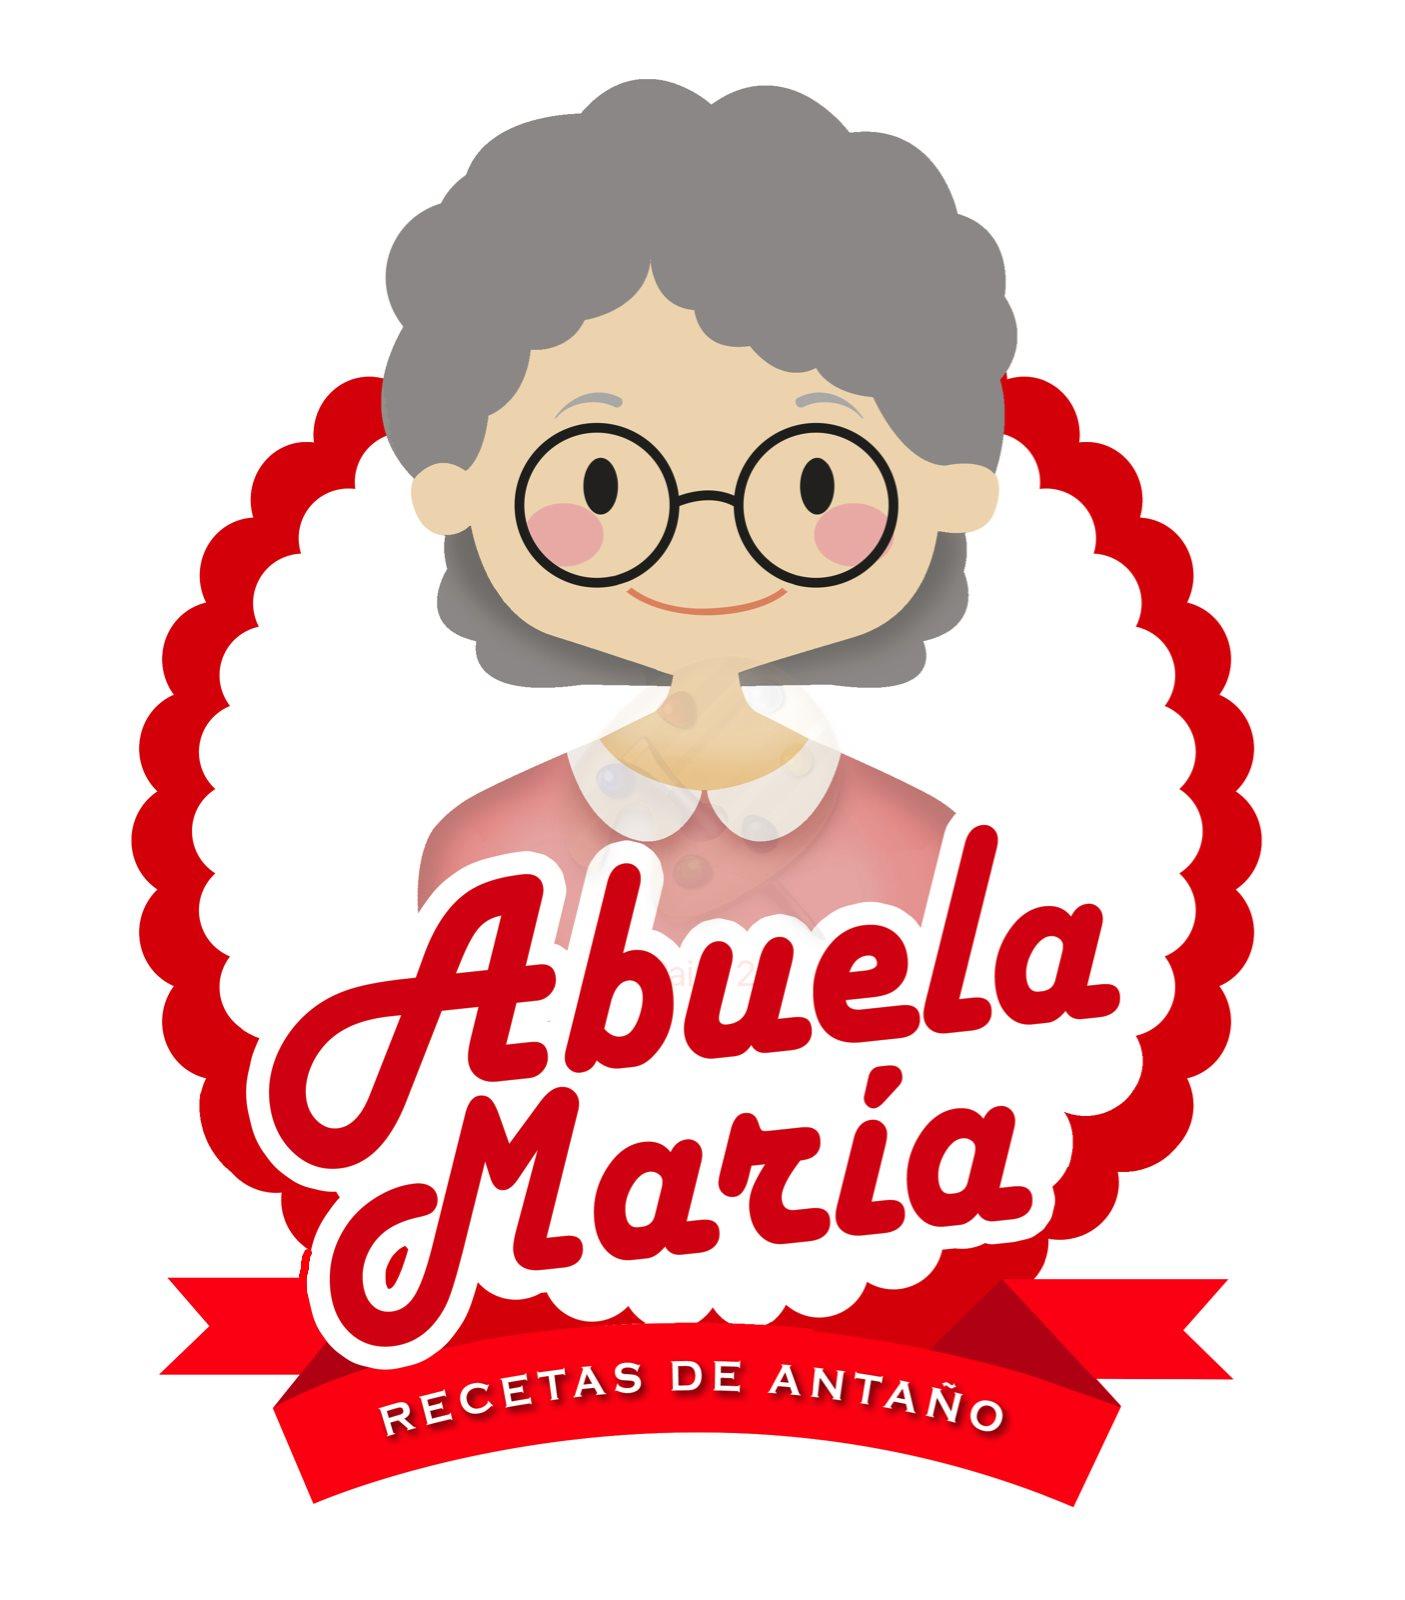 Galletas abuela maria computrabajo chile for La cocina dela abuela paca